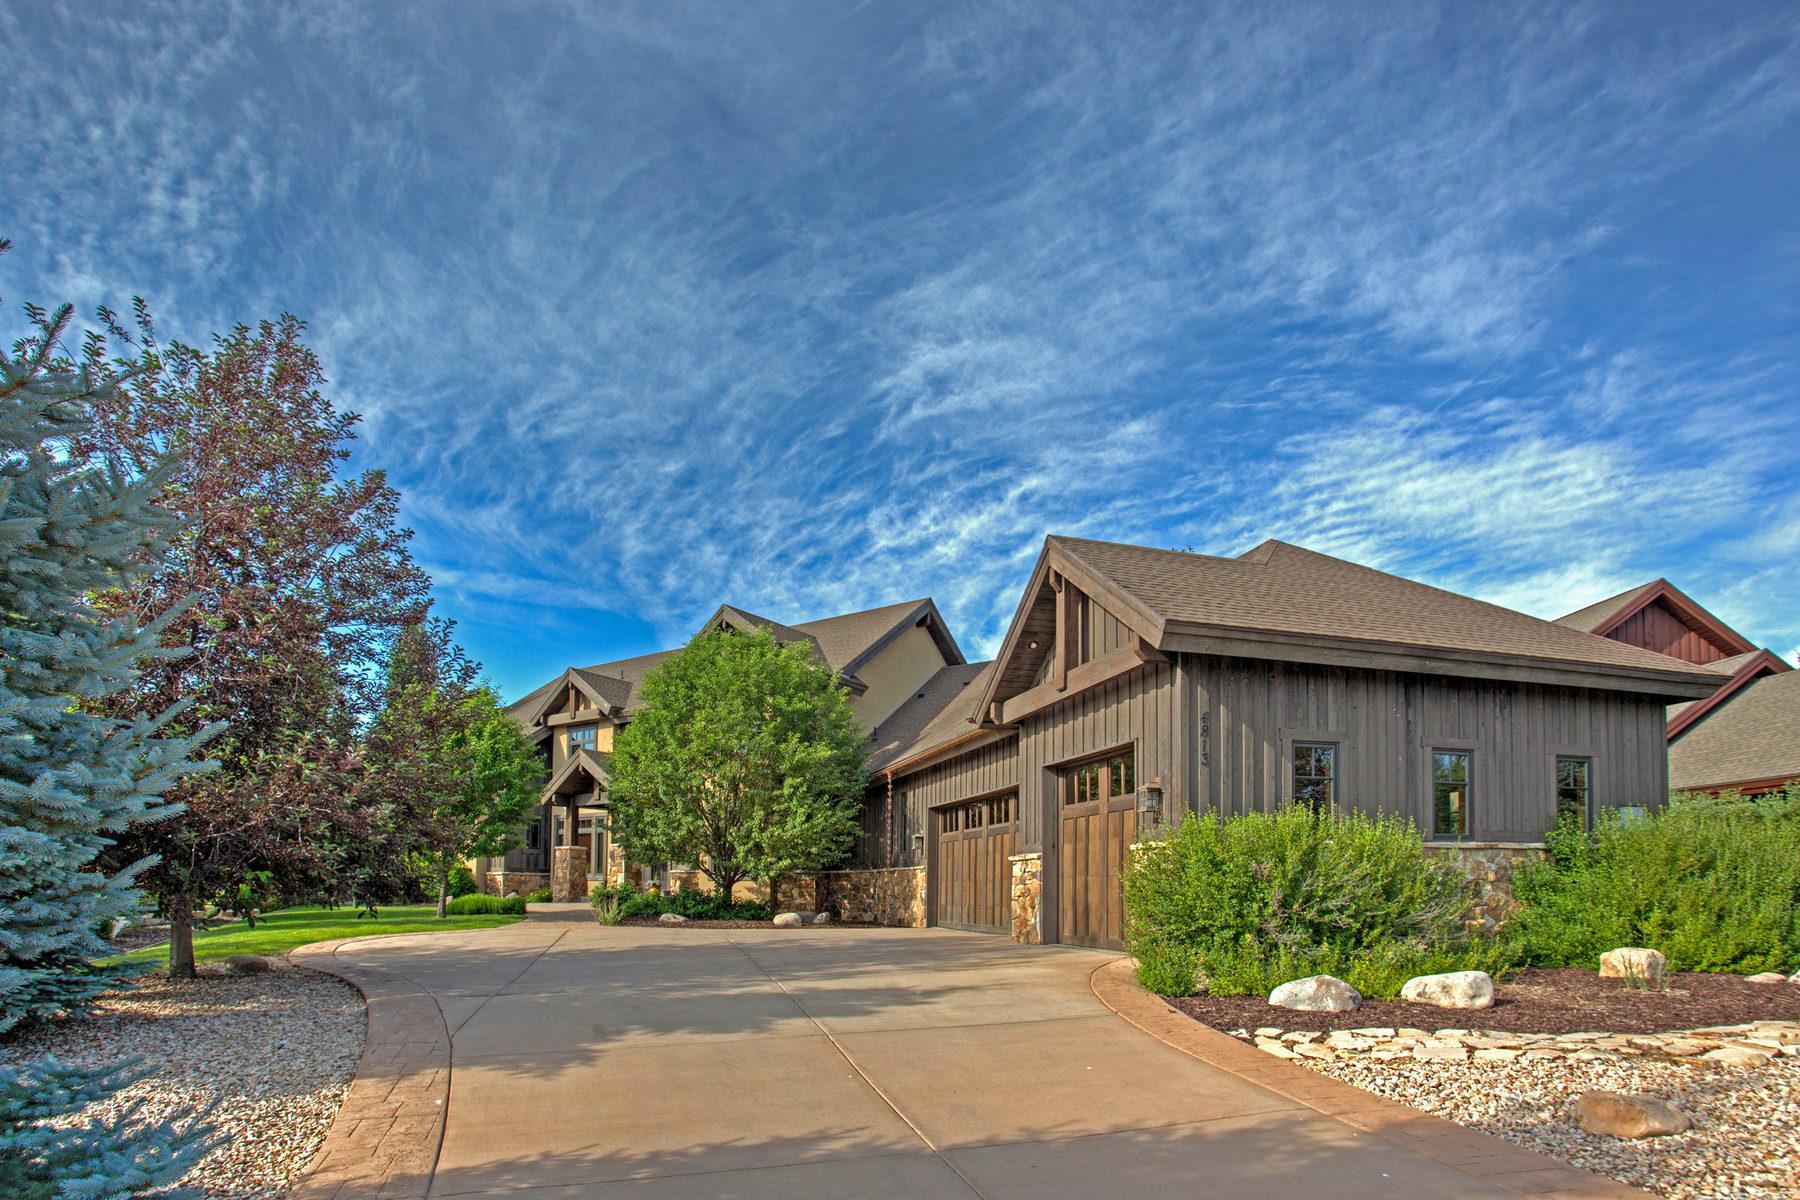 獨棟家庭住宅 為 出售 在 Beautifully Appointed Willow Creek Estates Home with Amazing Views 4813 Last Stand Dr Park City, 猶他州 84098 美國